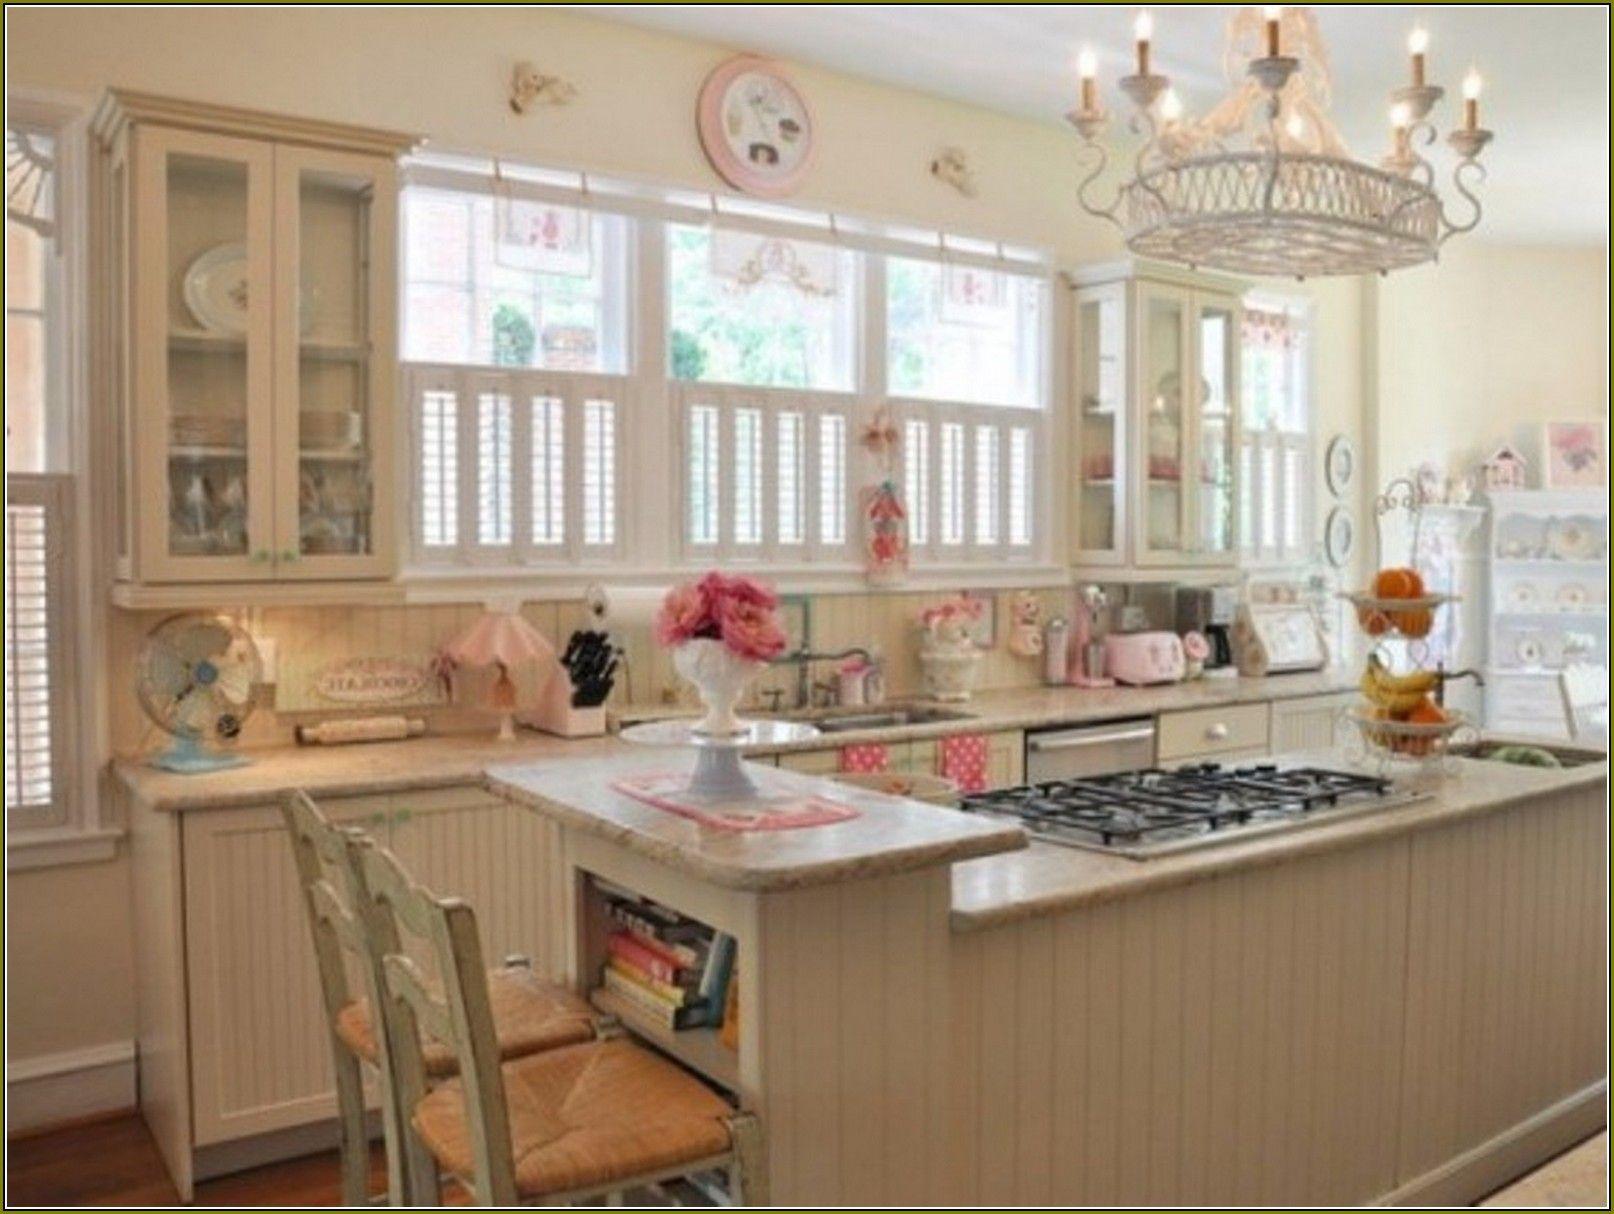 Diy Shabby Chic Kitchen Cabinets Shabby Chic Kitchen Shabby Chic Room Shabby Chic Kitchen Decor